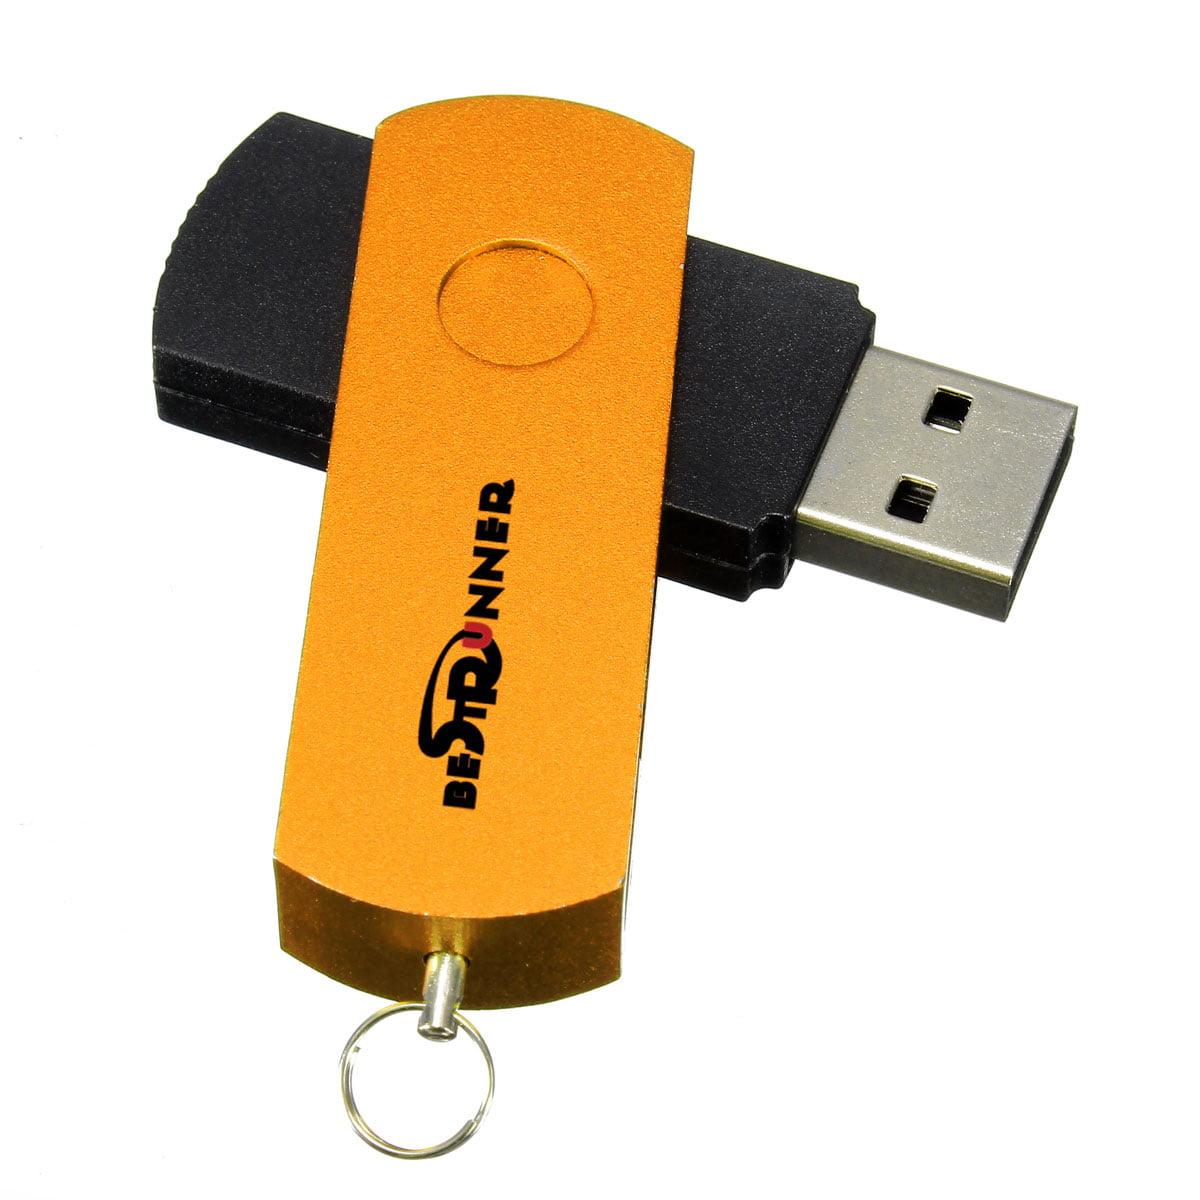 5 pcs A Lot 16GB USB 2.0 USB Flash Drive Memory Storage S...